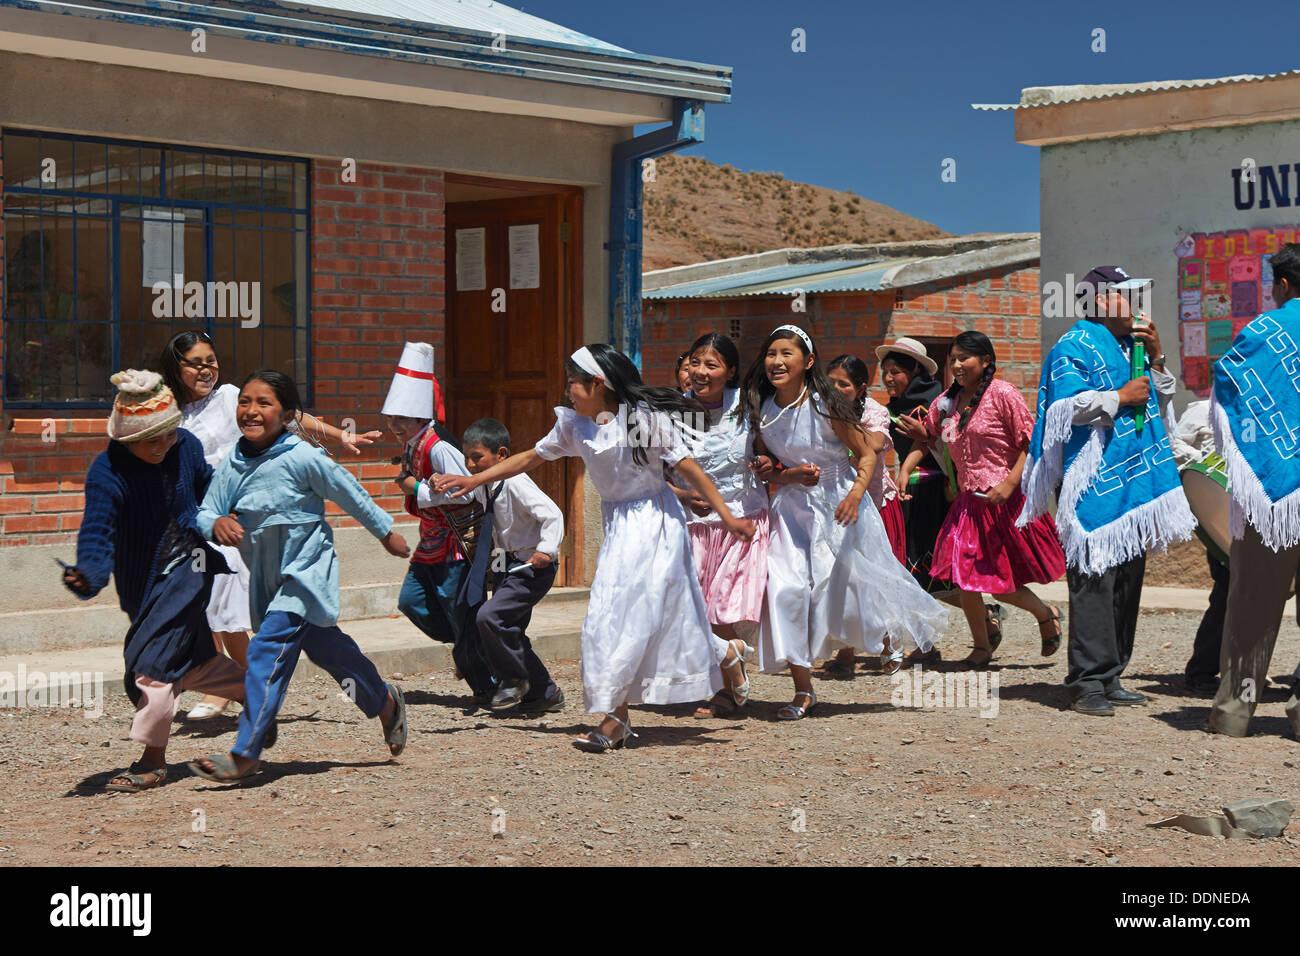 Quechua children in village near San Antonio de Lipez, Andes, Bolivia - Stock Image